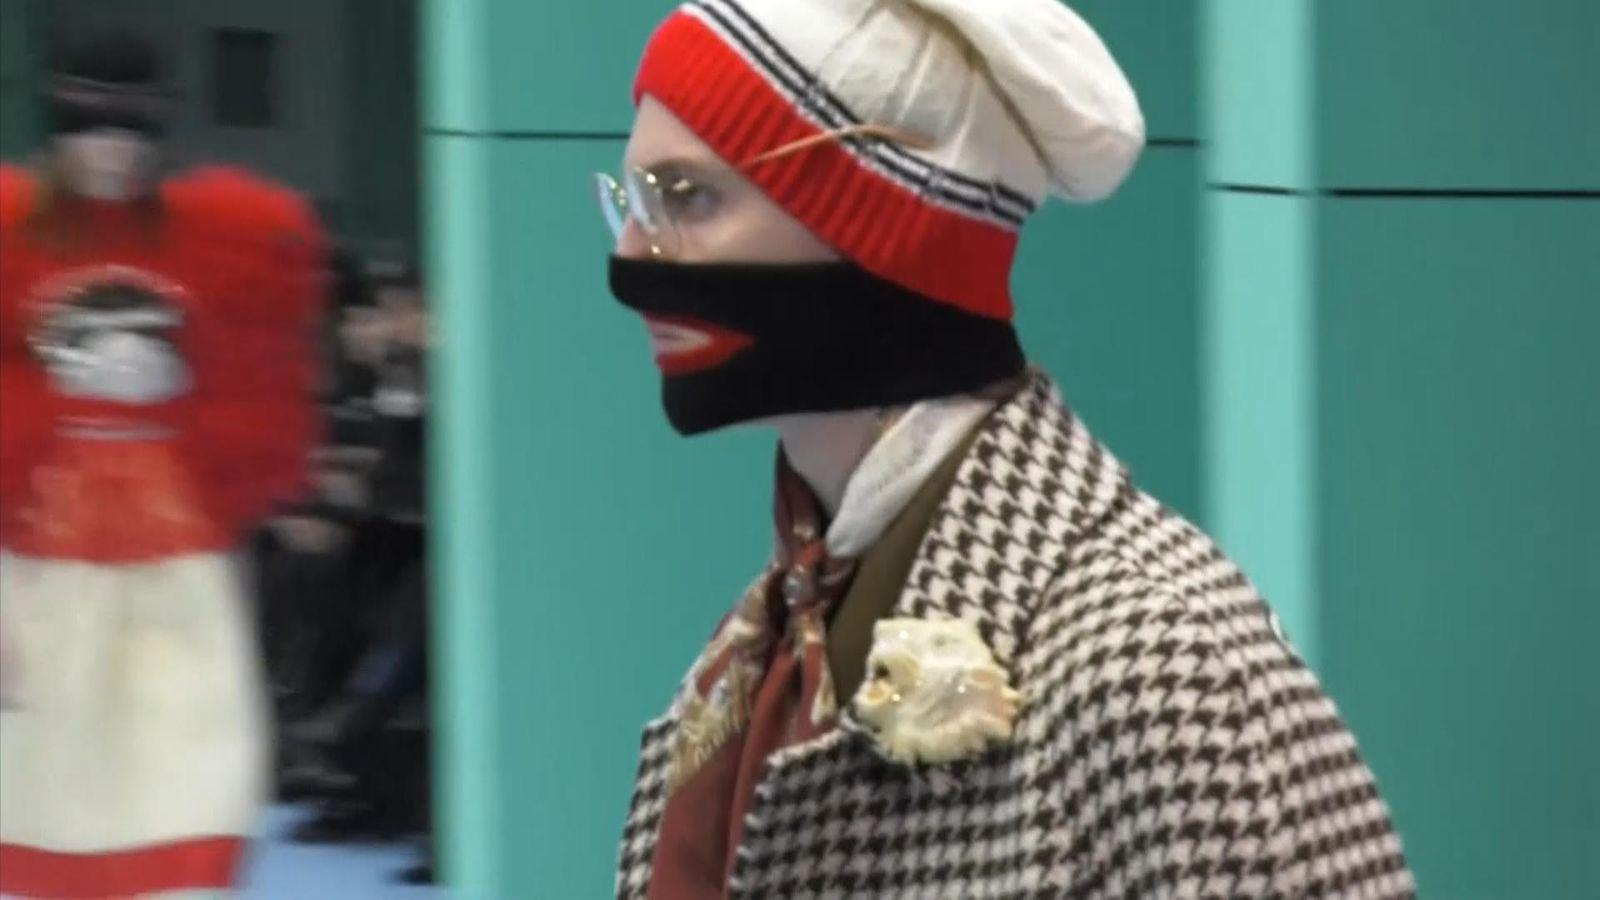 gucci  u0026 39 blackface u0026 39  apparel on catwalk